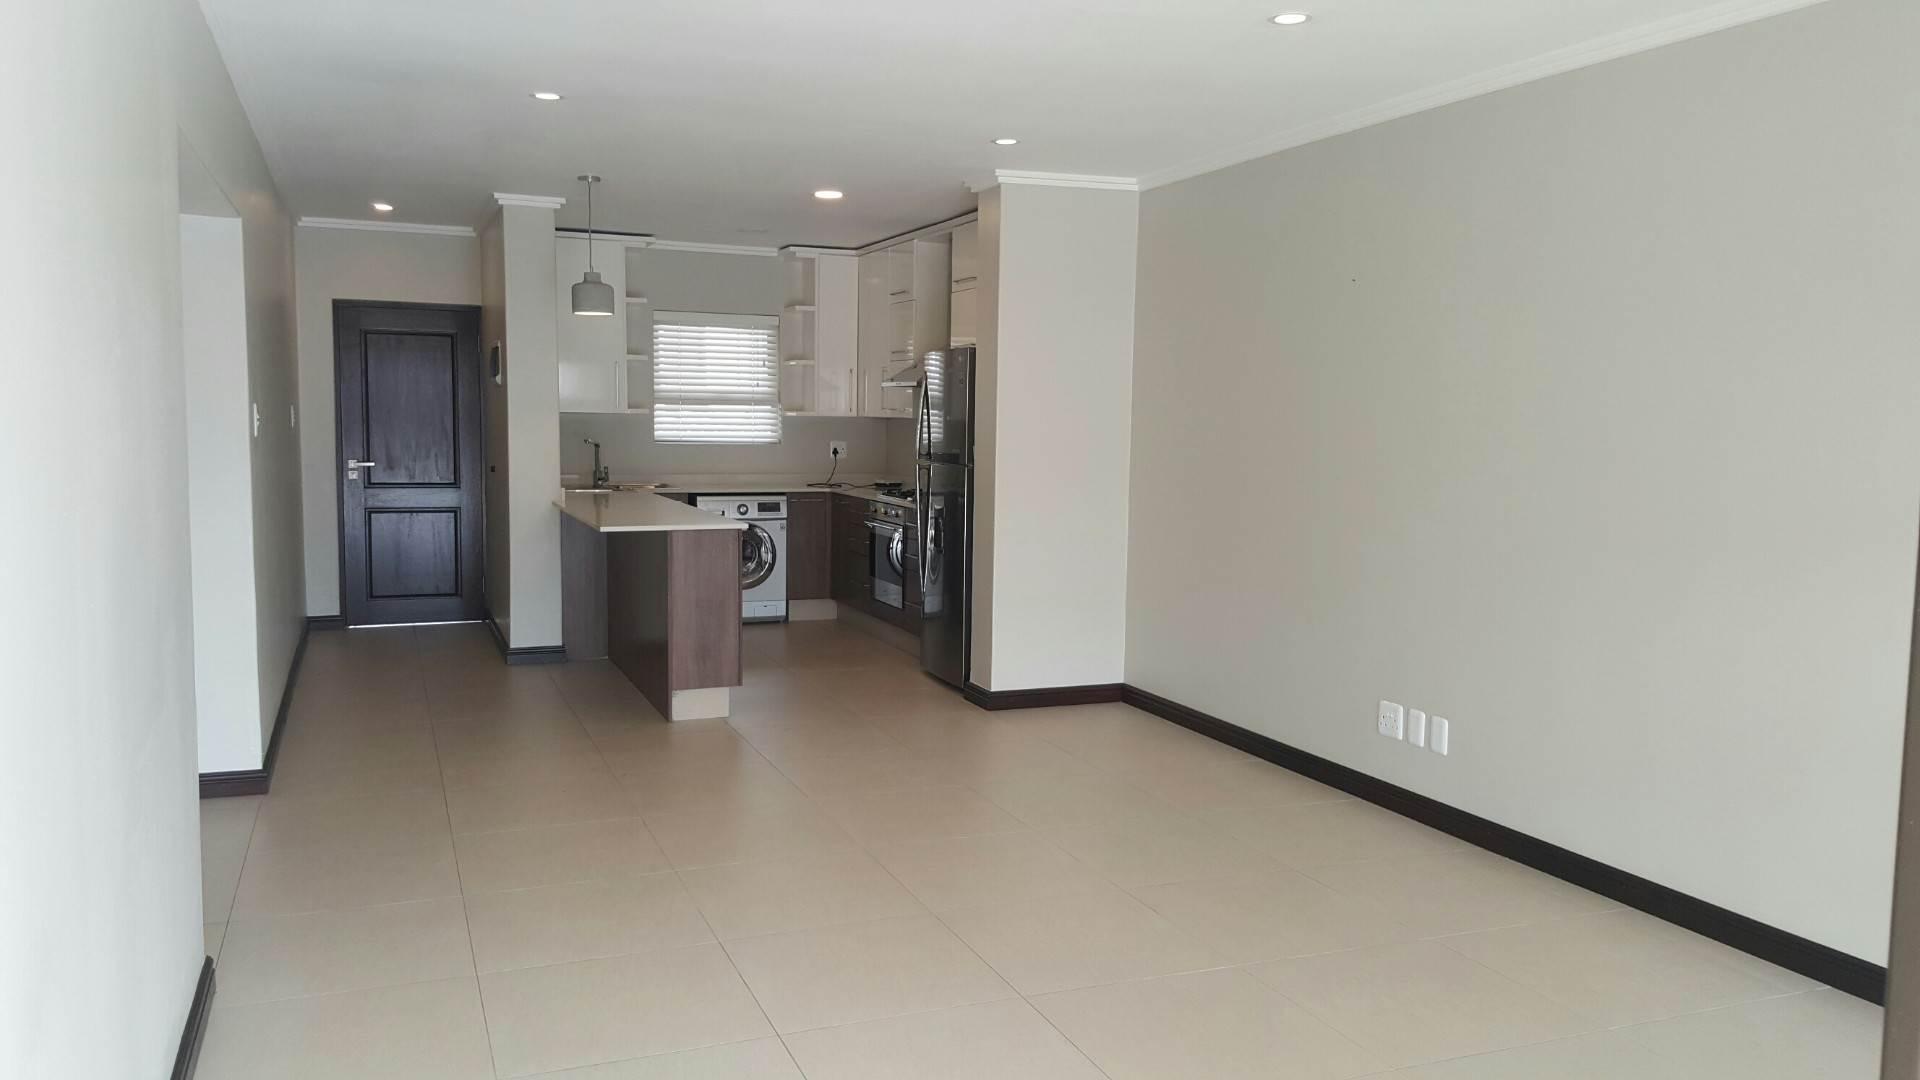 2 BedroomTownhouse To Rent In Bedfordview